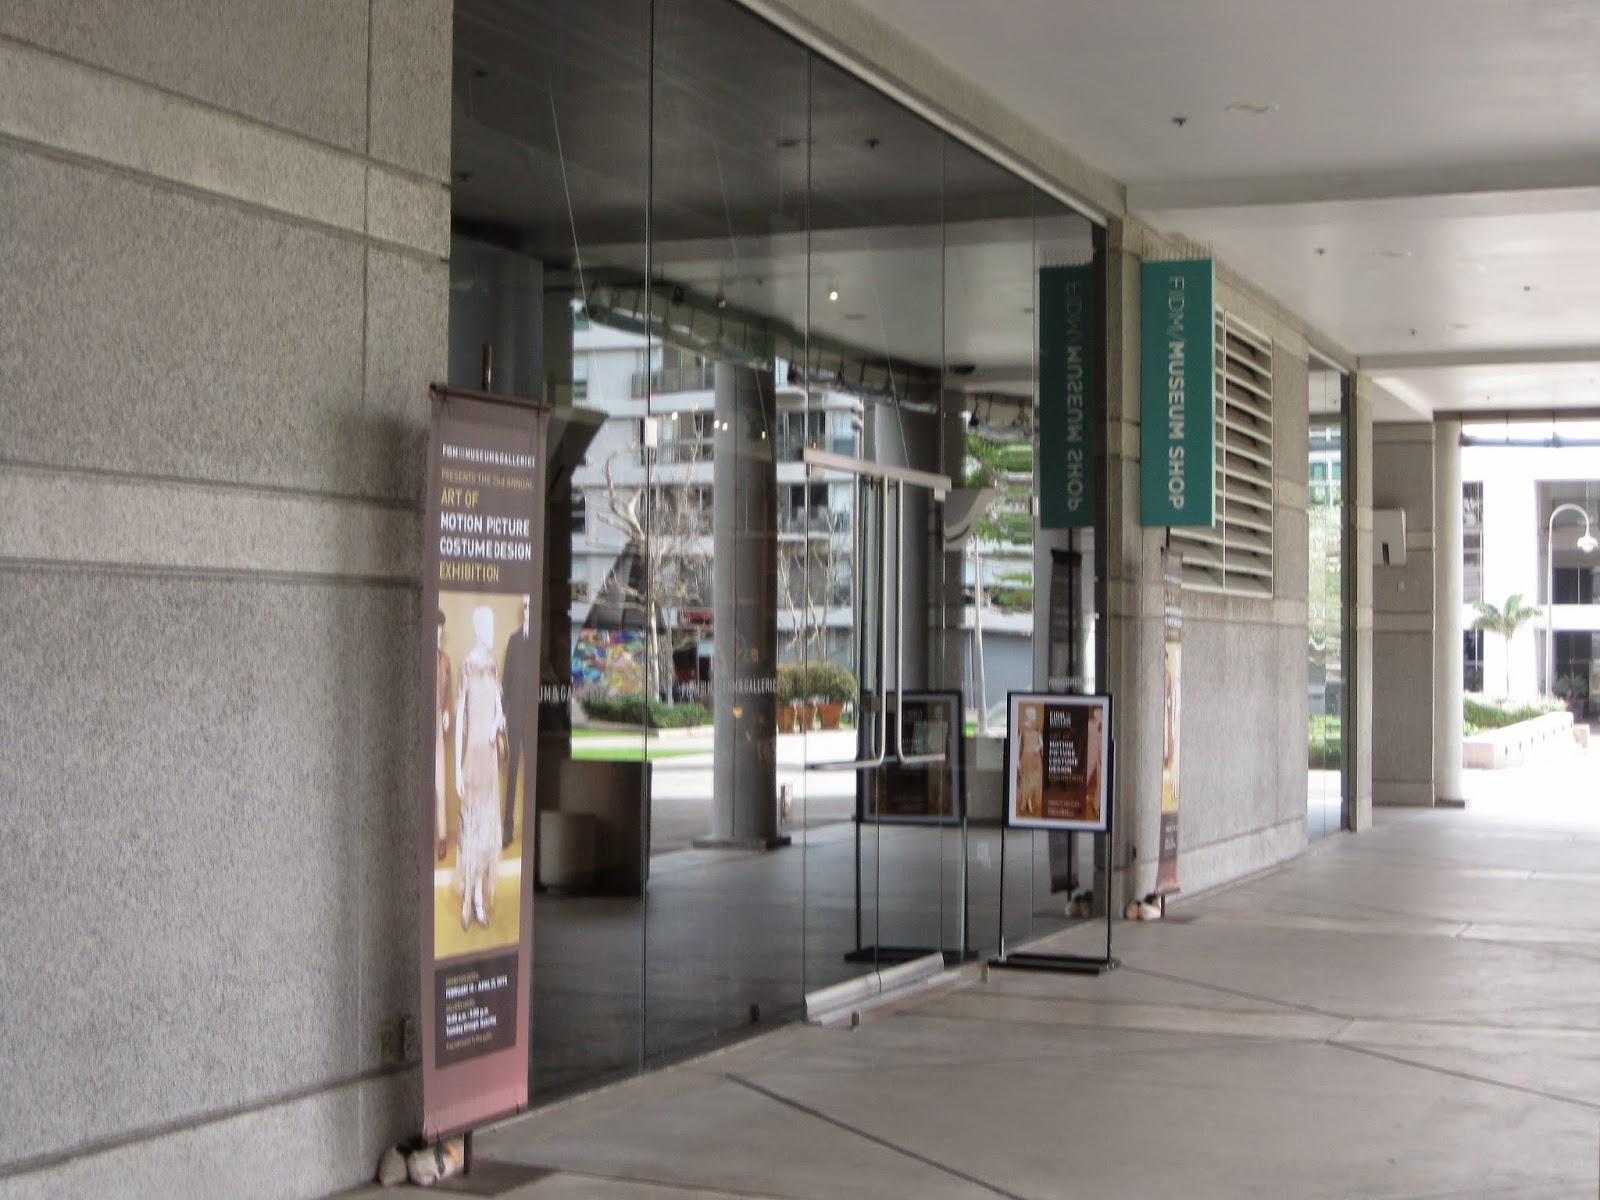 fidm entrance project